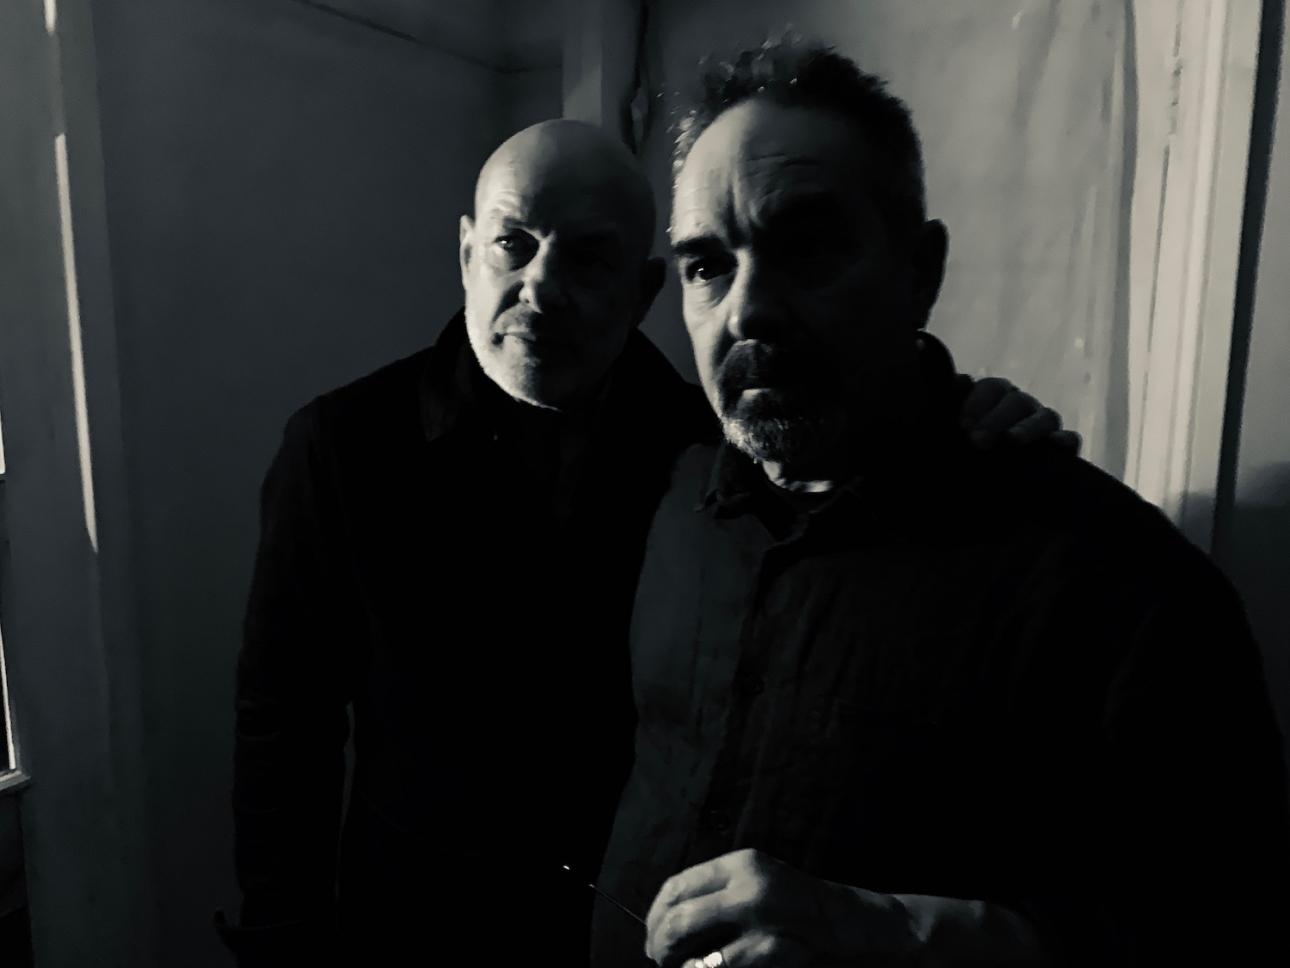 eno kardeşler duo olarak ilk albümlerini yayınlamaya hazırlanıyor